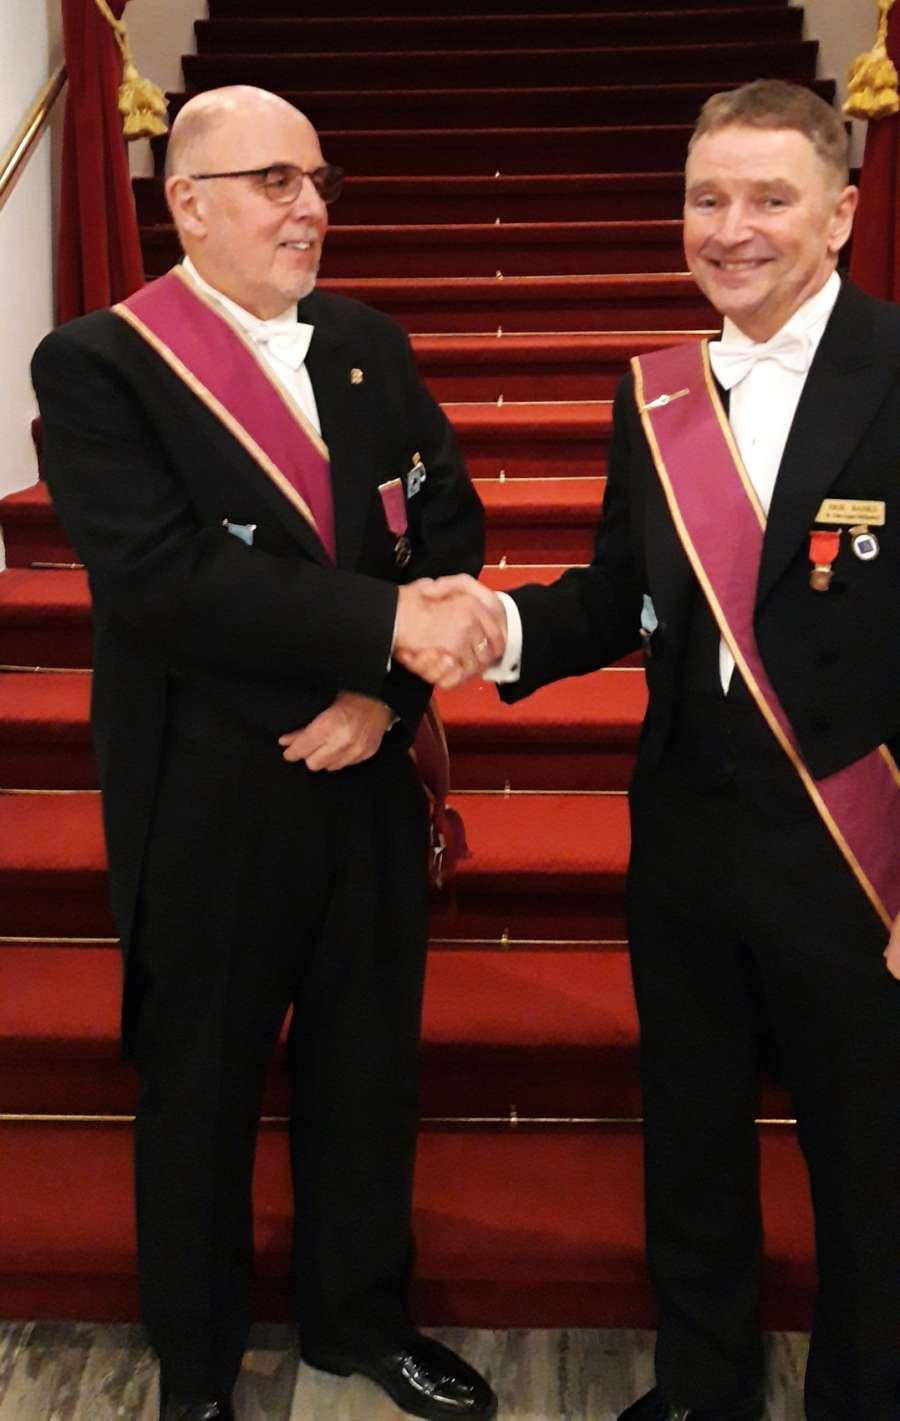 Erik Banks ny Ordførende Broder i Bodø Kapitel Broderforening